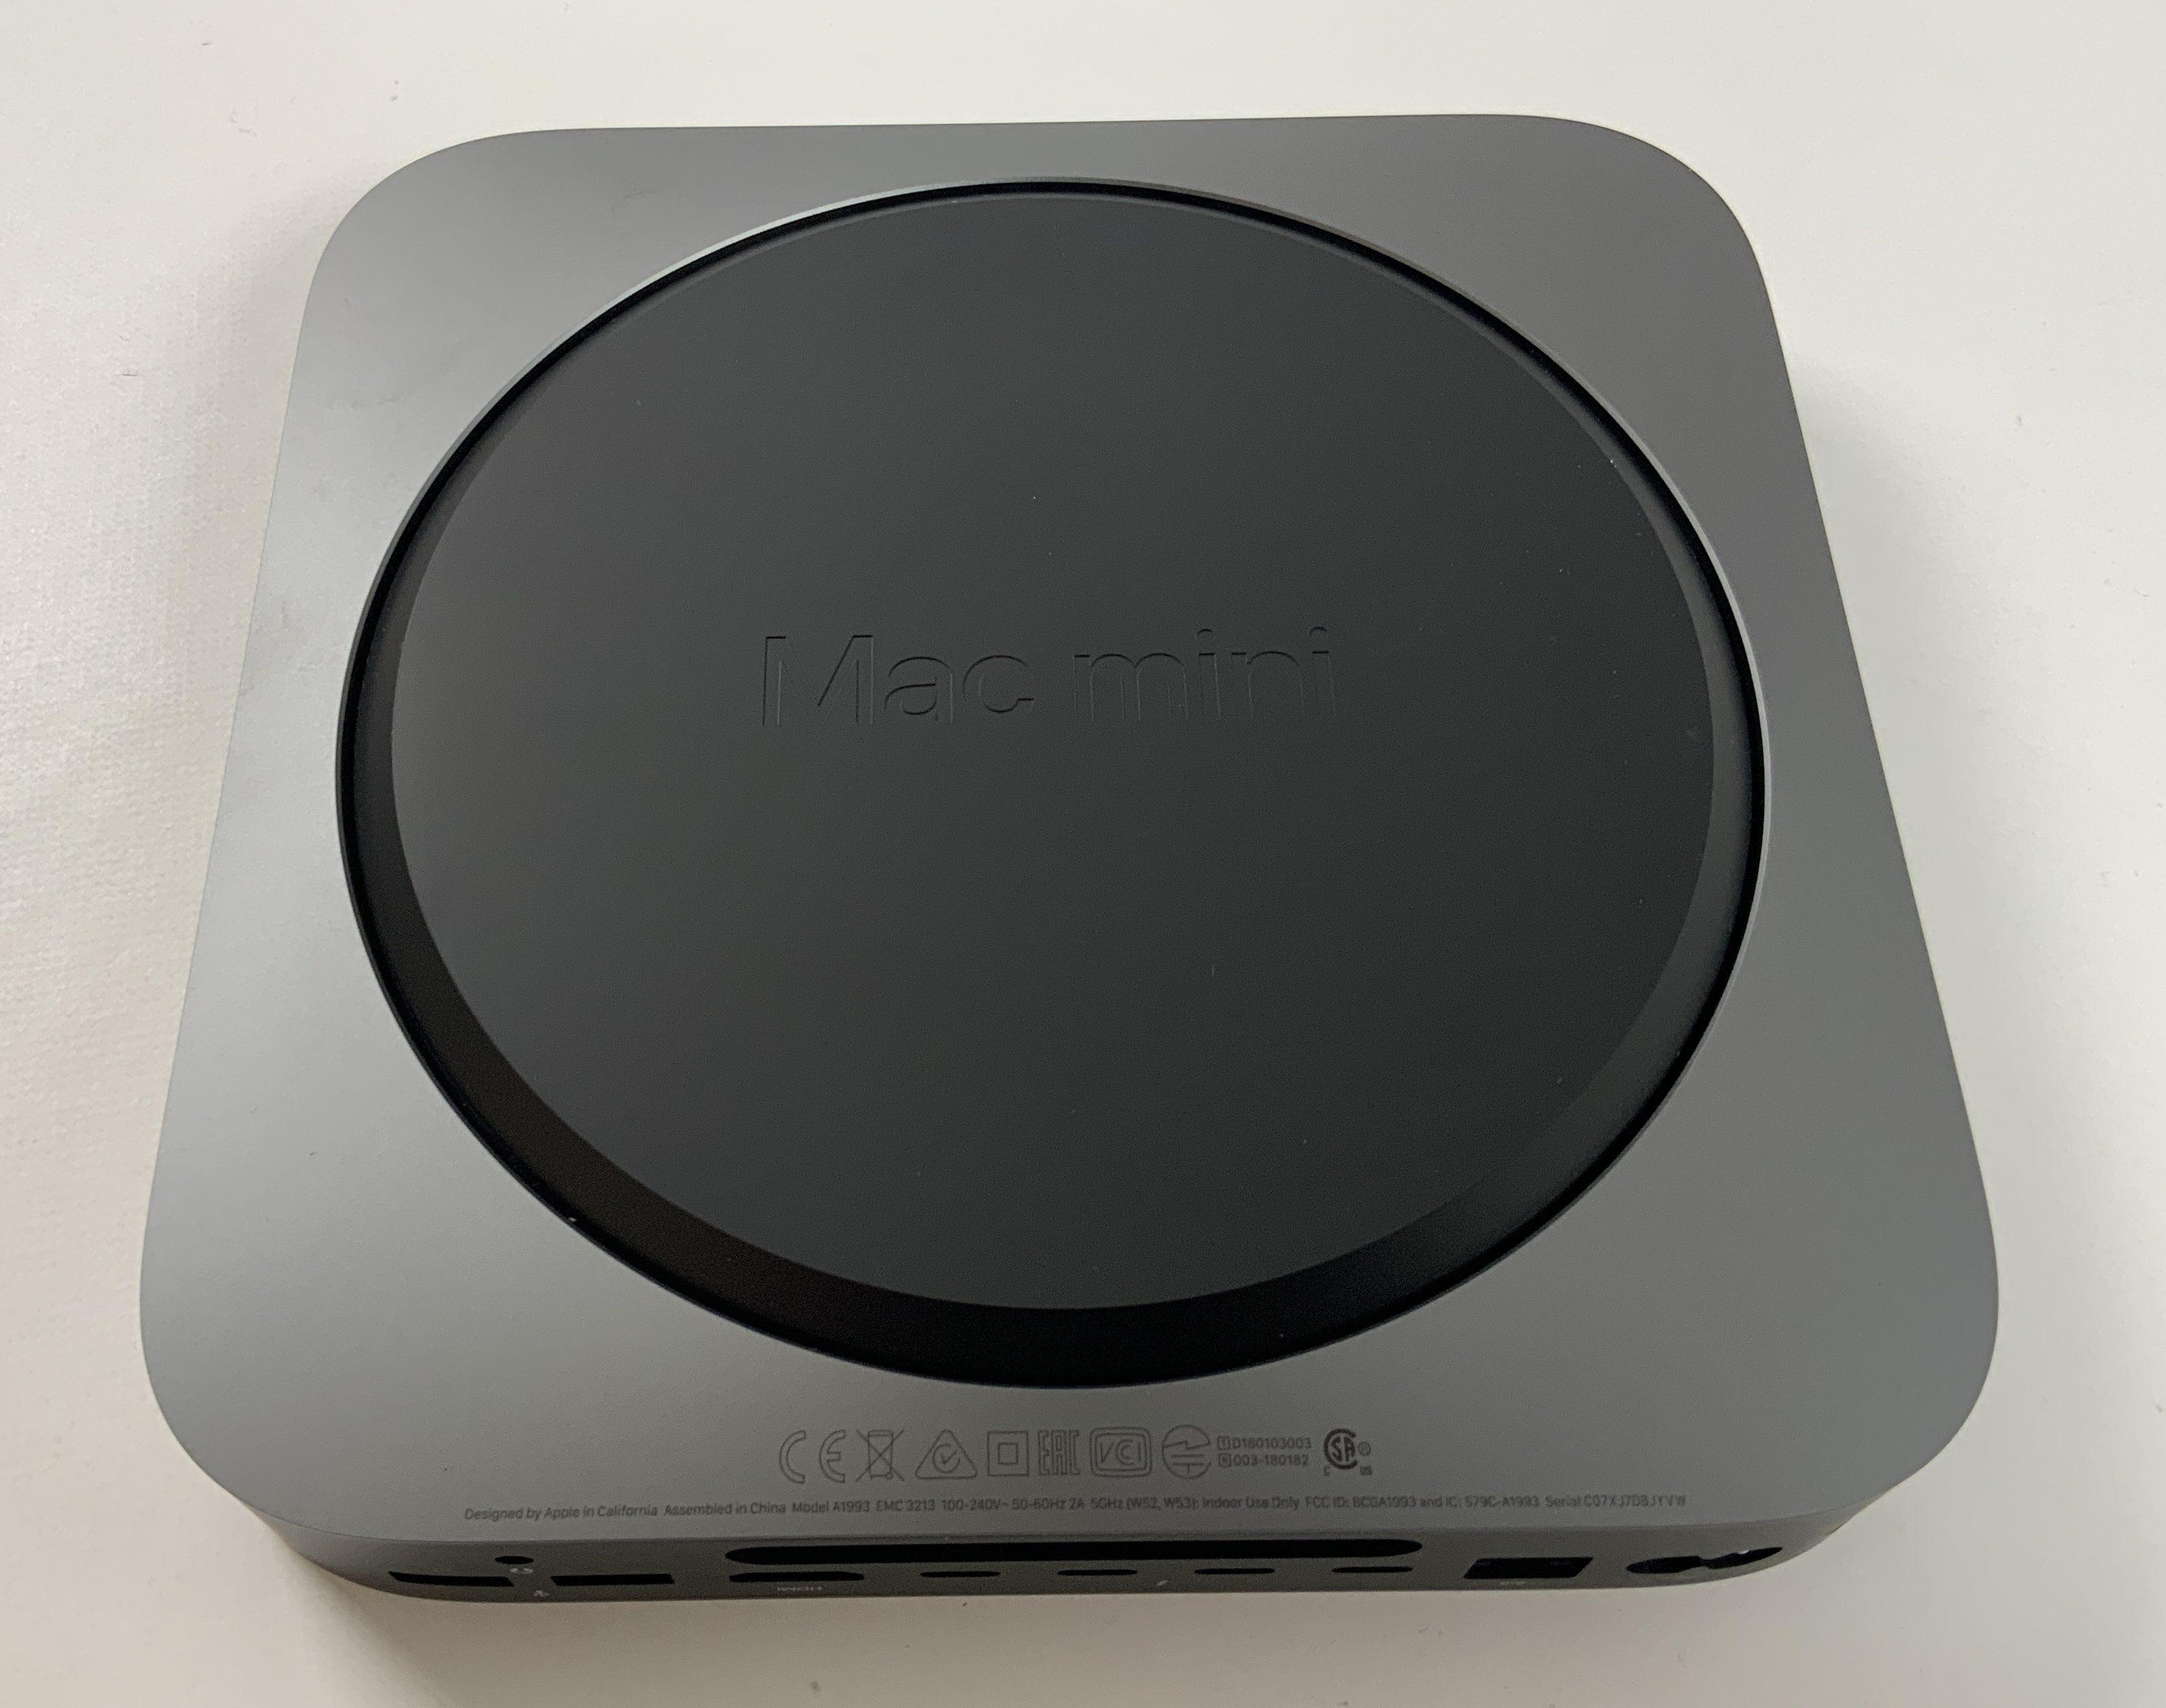 Mac Mini Late 2018 (Intel Quad-Core i3 3.6 GHz 8 GB RAM 128 GB SSD), Intel Quad-Core i3 3.6 GHz, 8 GB RAM, 128 GB SSD, Kuva 2